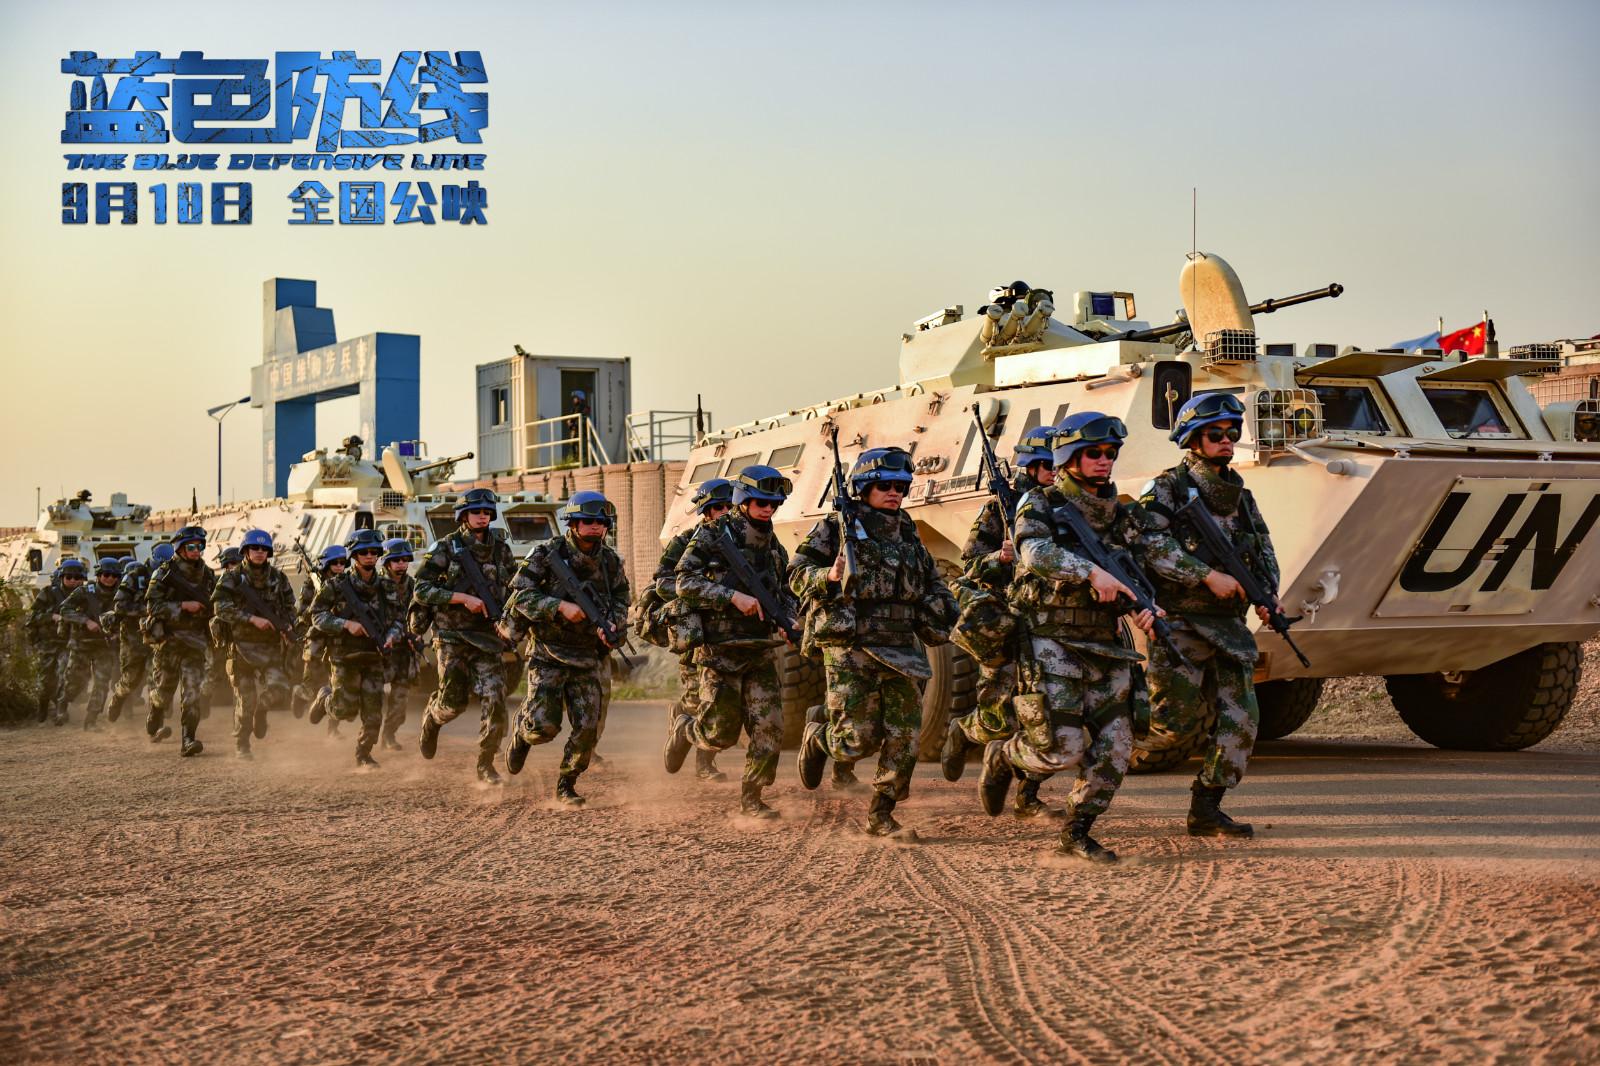 《蓝色防线》片中绝大部分影像素材都来自维和部队内部的影像资料。